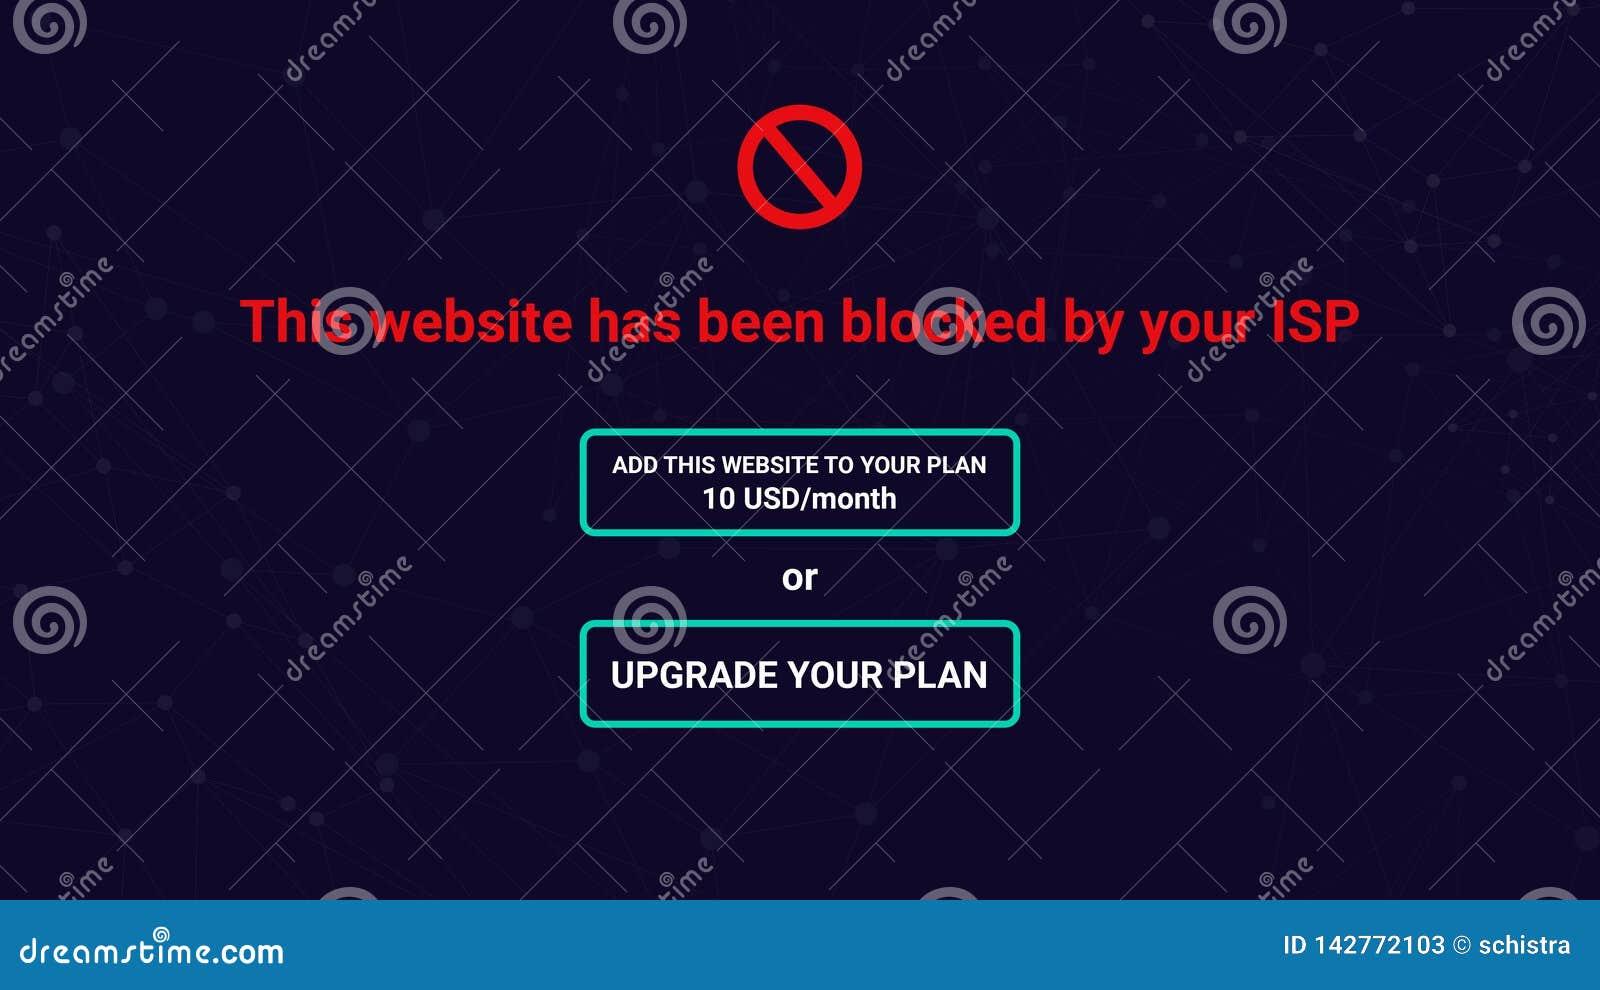 Netzneutralität, Standort blockiert durch ISP, Antrag, Plan zu verbessern